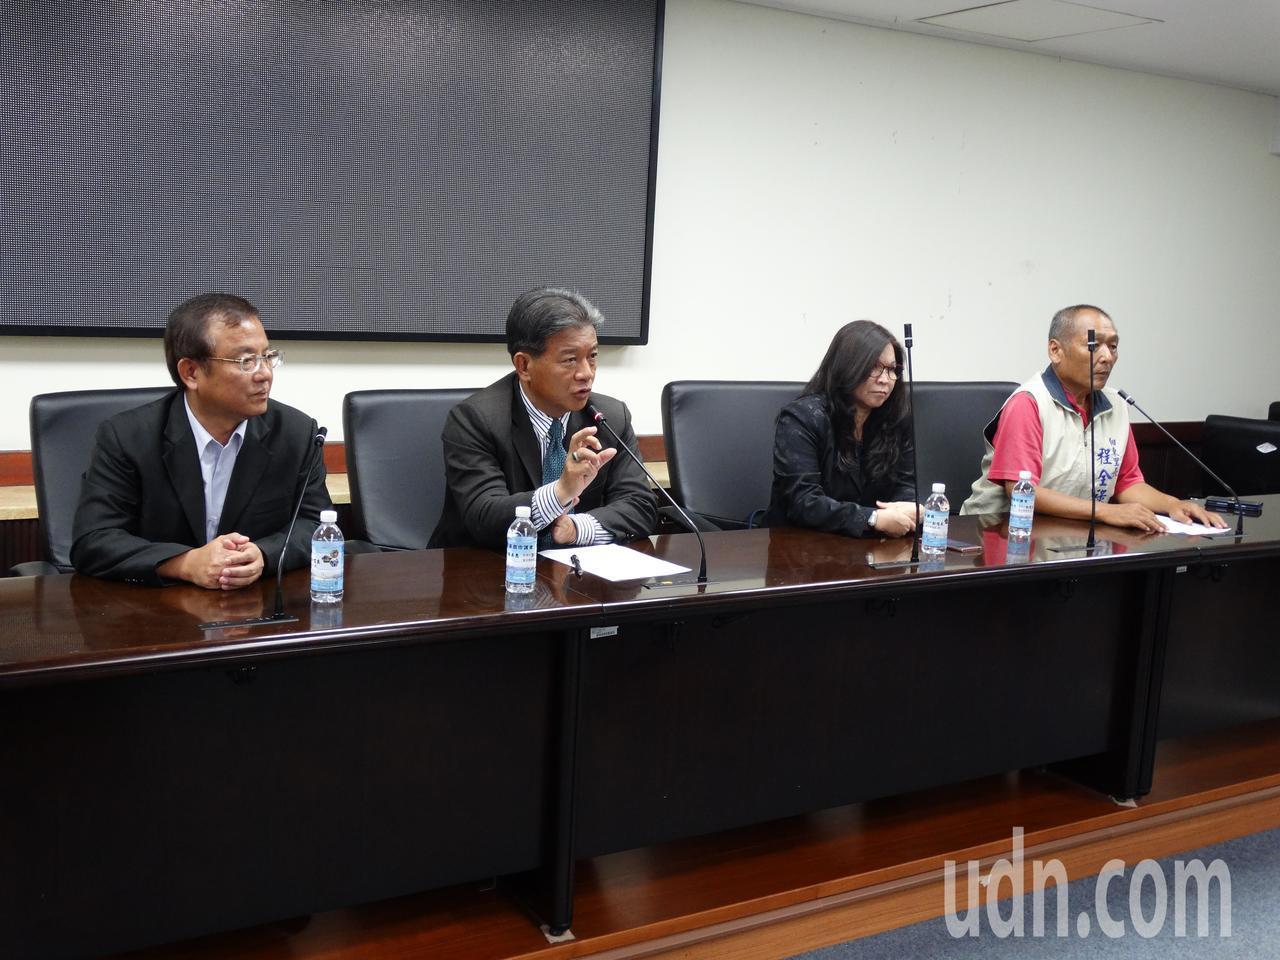 台南市副議長郭信良召開記者會,希望市府將淹水補助簡化為淹水與未淹水兩種認定標準。...